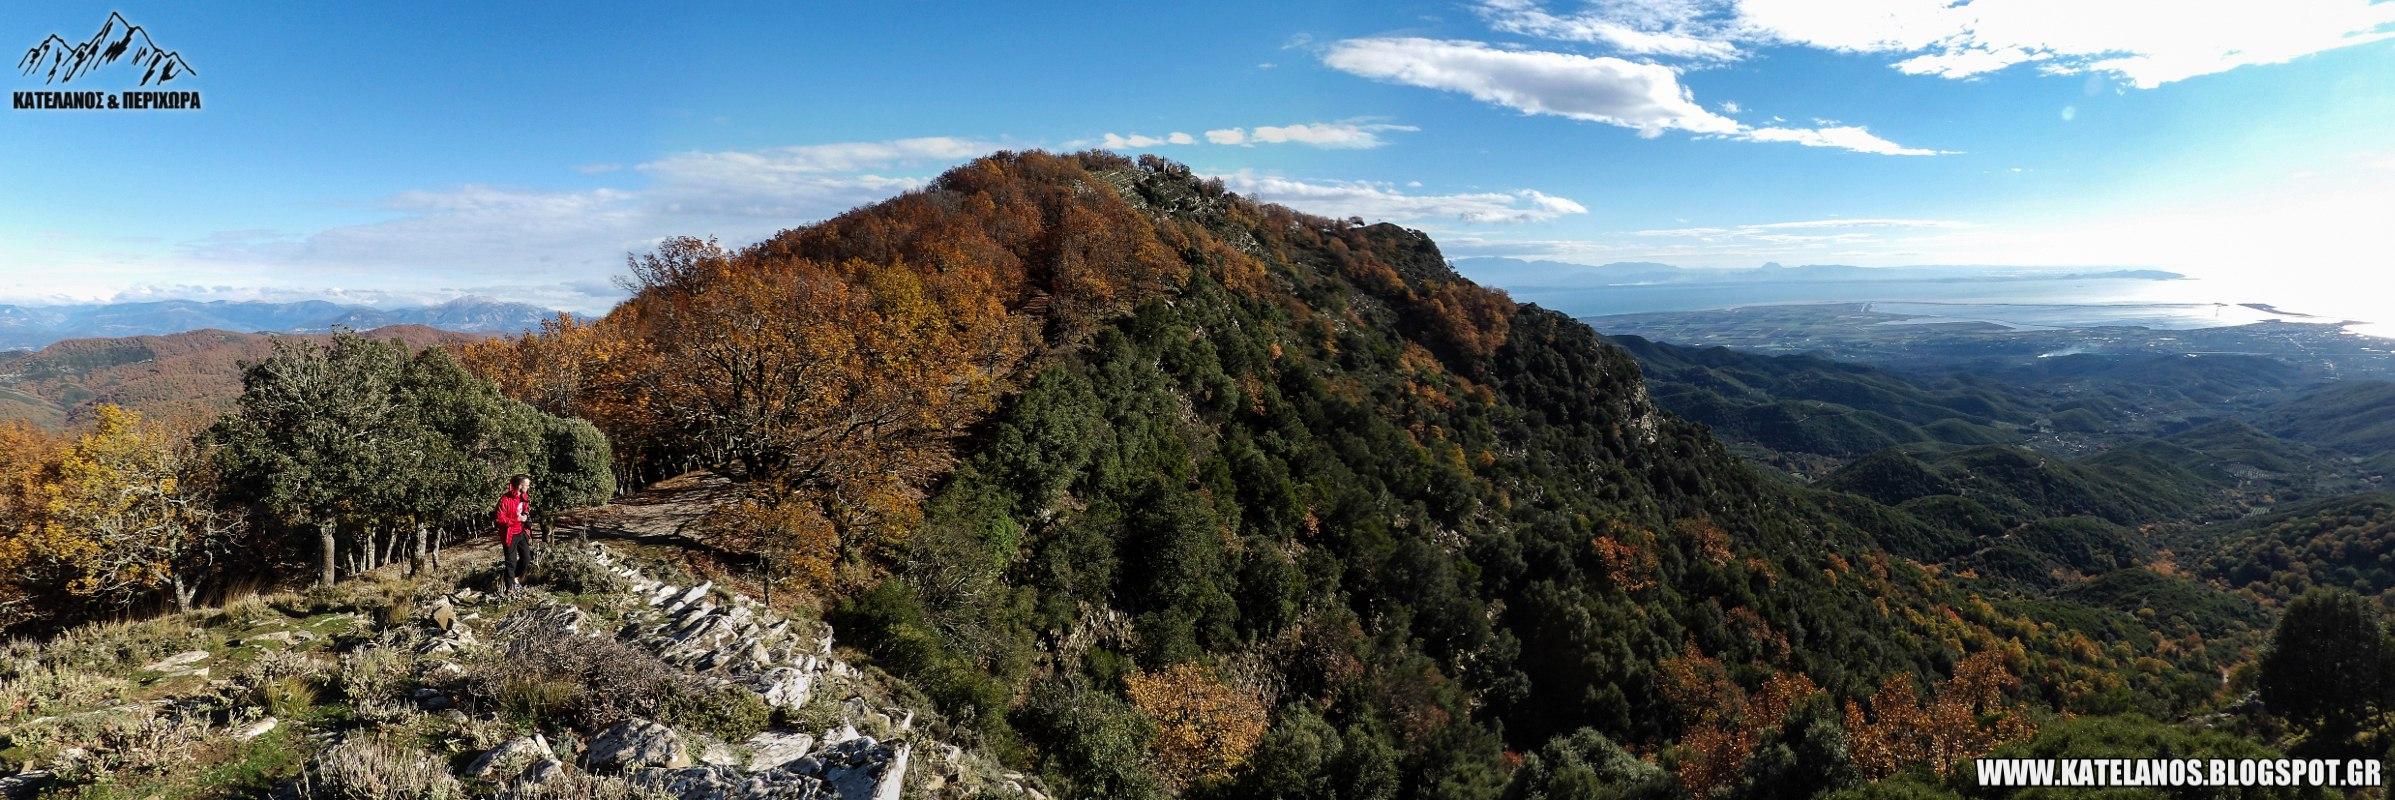 ορος αρακυνθος βουνο αιτωλοακαρνανιας